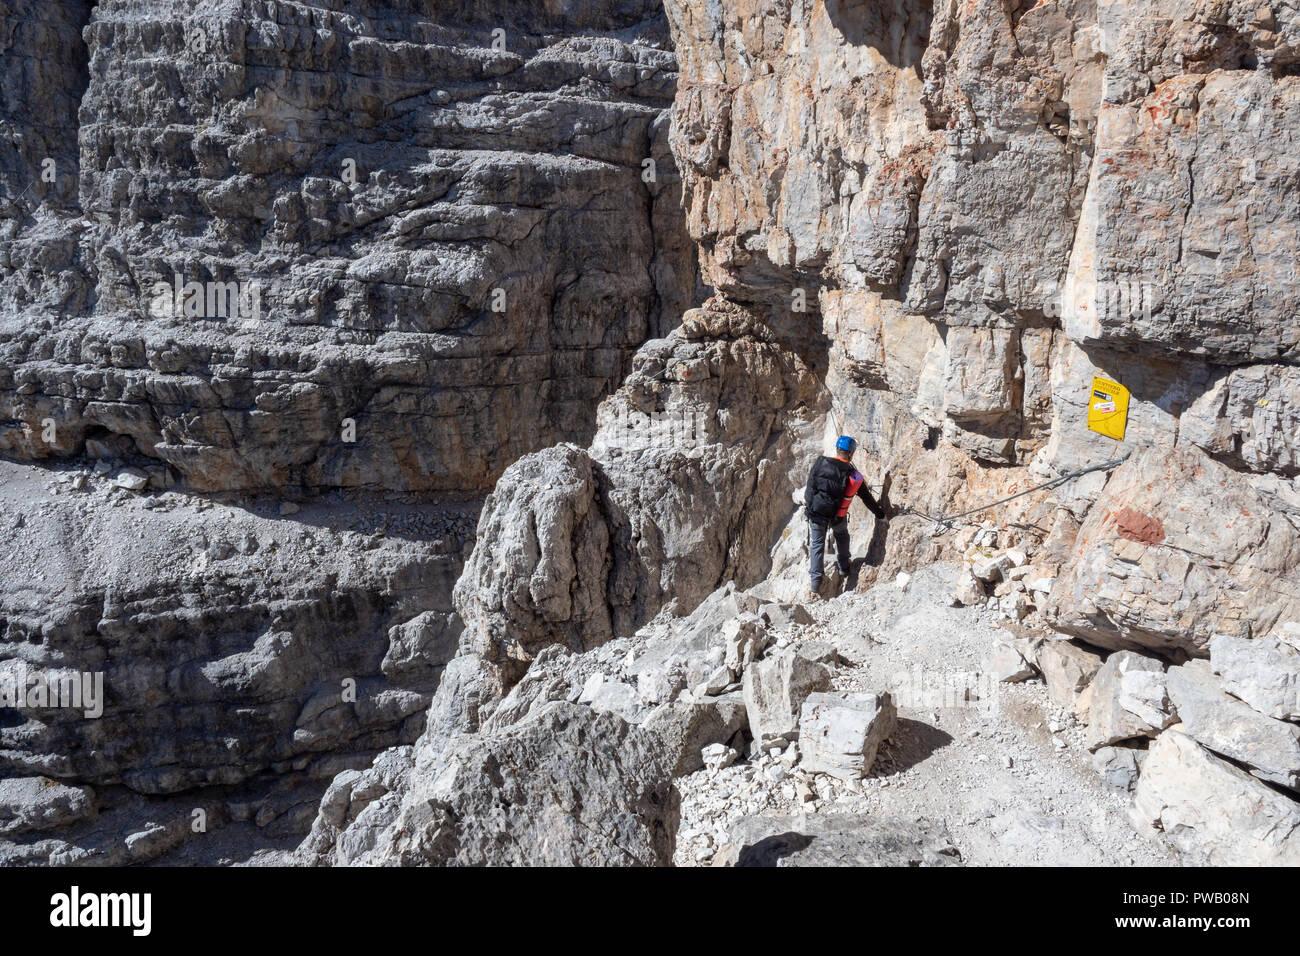 Klettersteig Dolomiten : Klettern in den dolomiten männliche bergsteiger am klettersteig